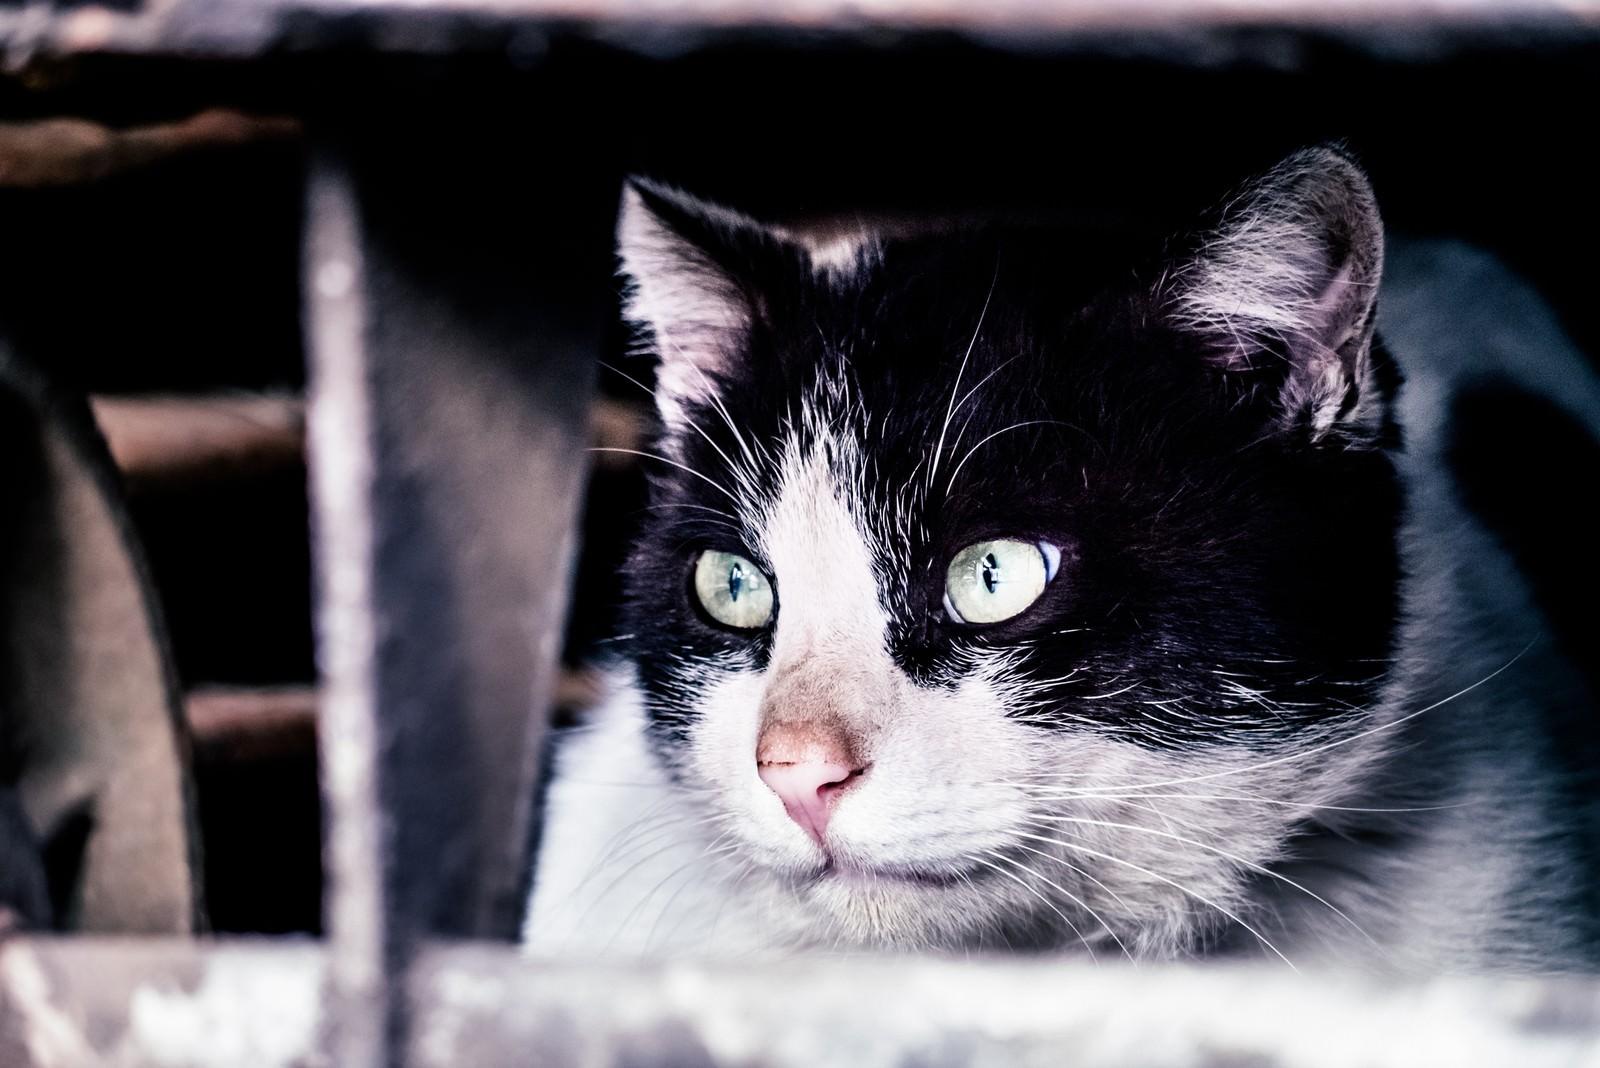 「猫「すべて計画通り」」の写真